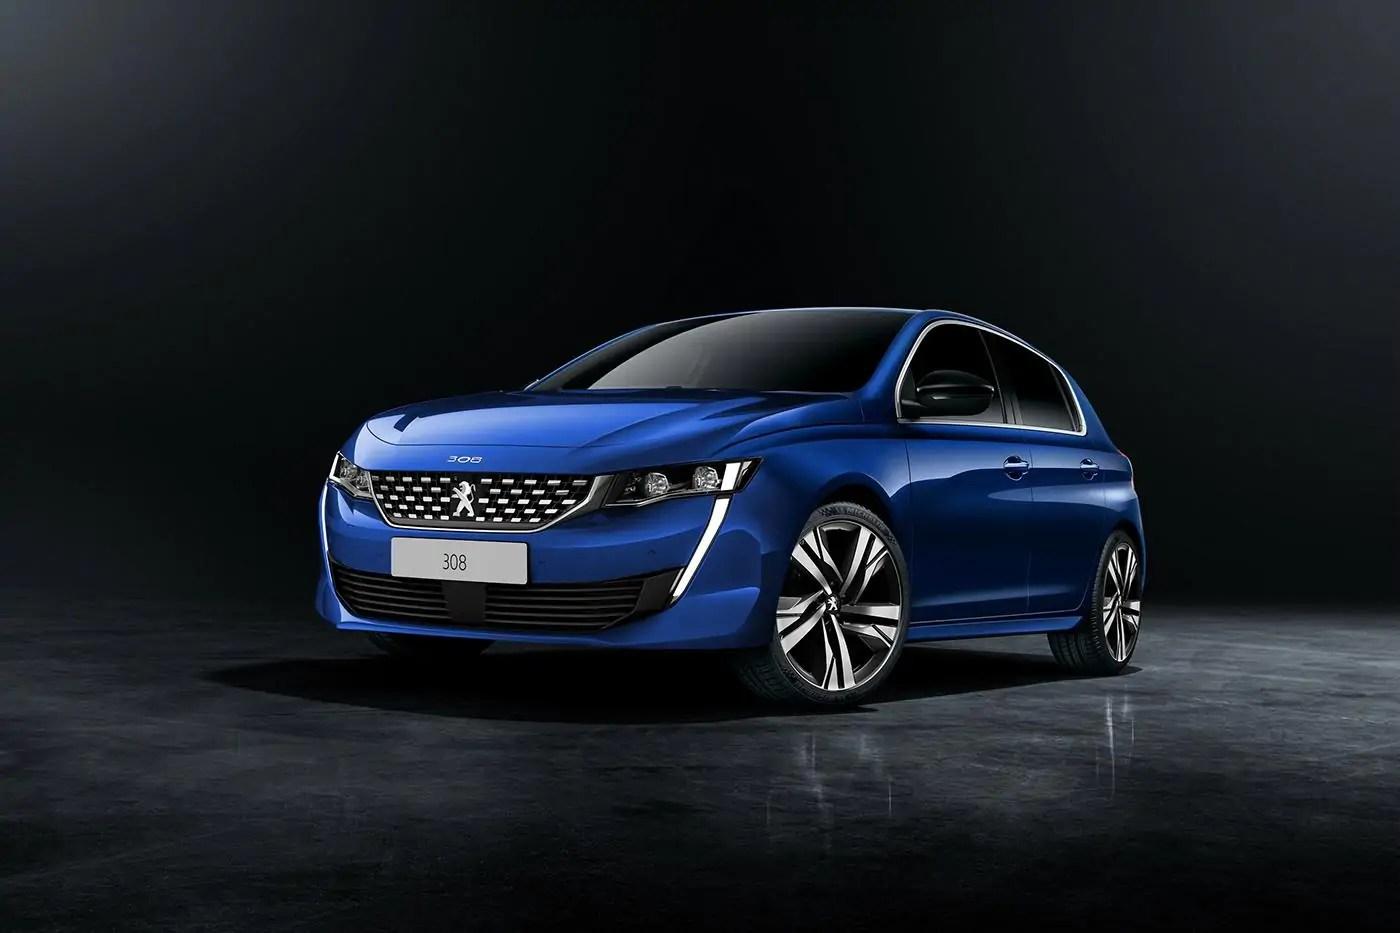 Nuova Peugeot 308 2020, il render definitivo